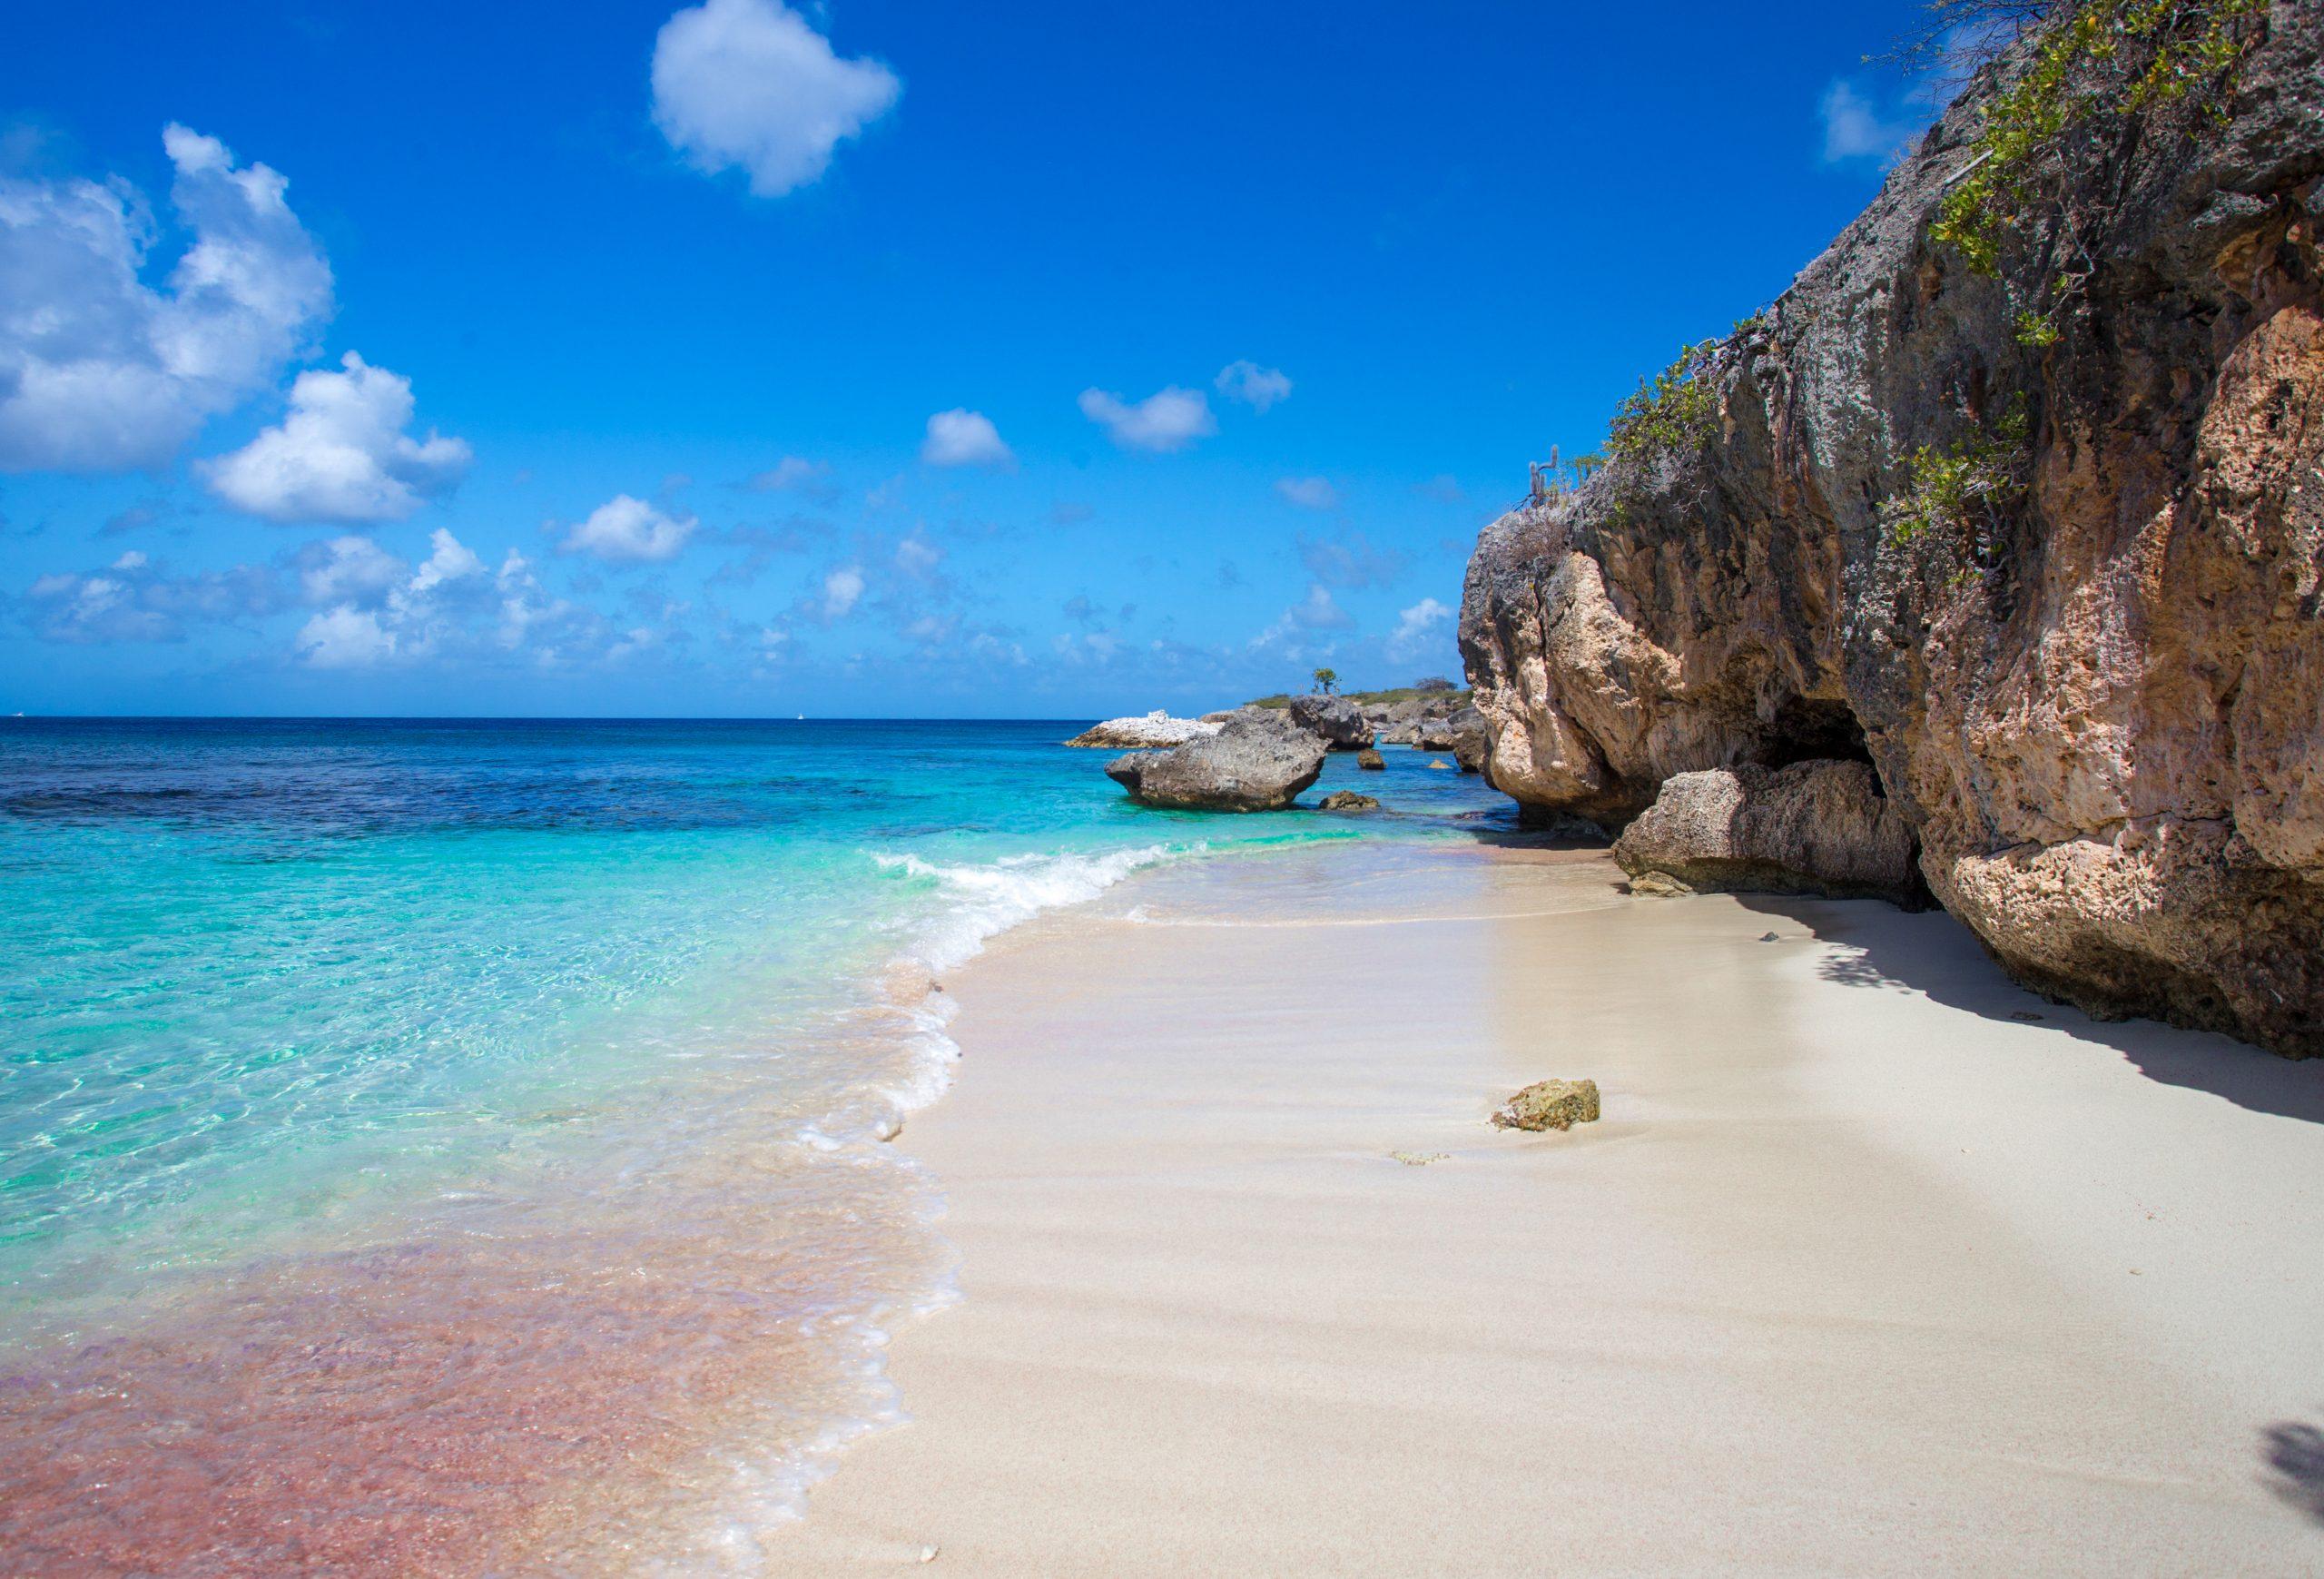 Mooiste stranden op Bonaire- Wayaka 2